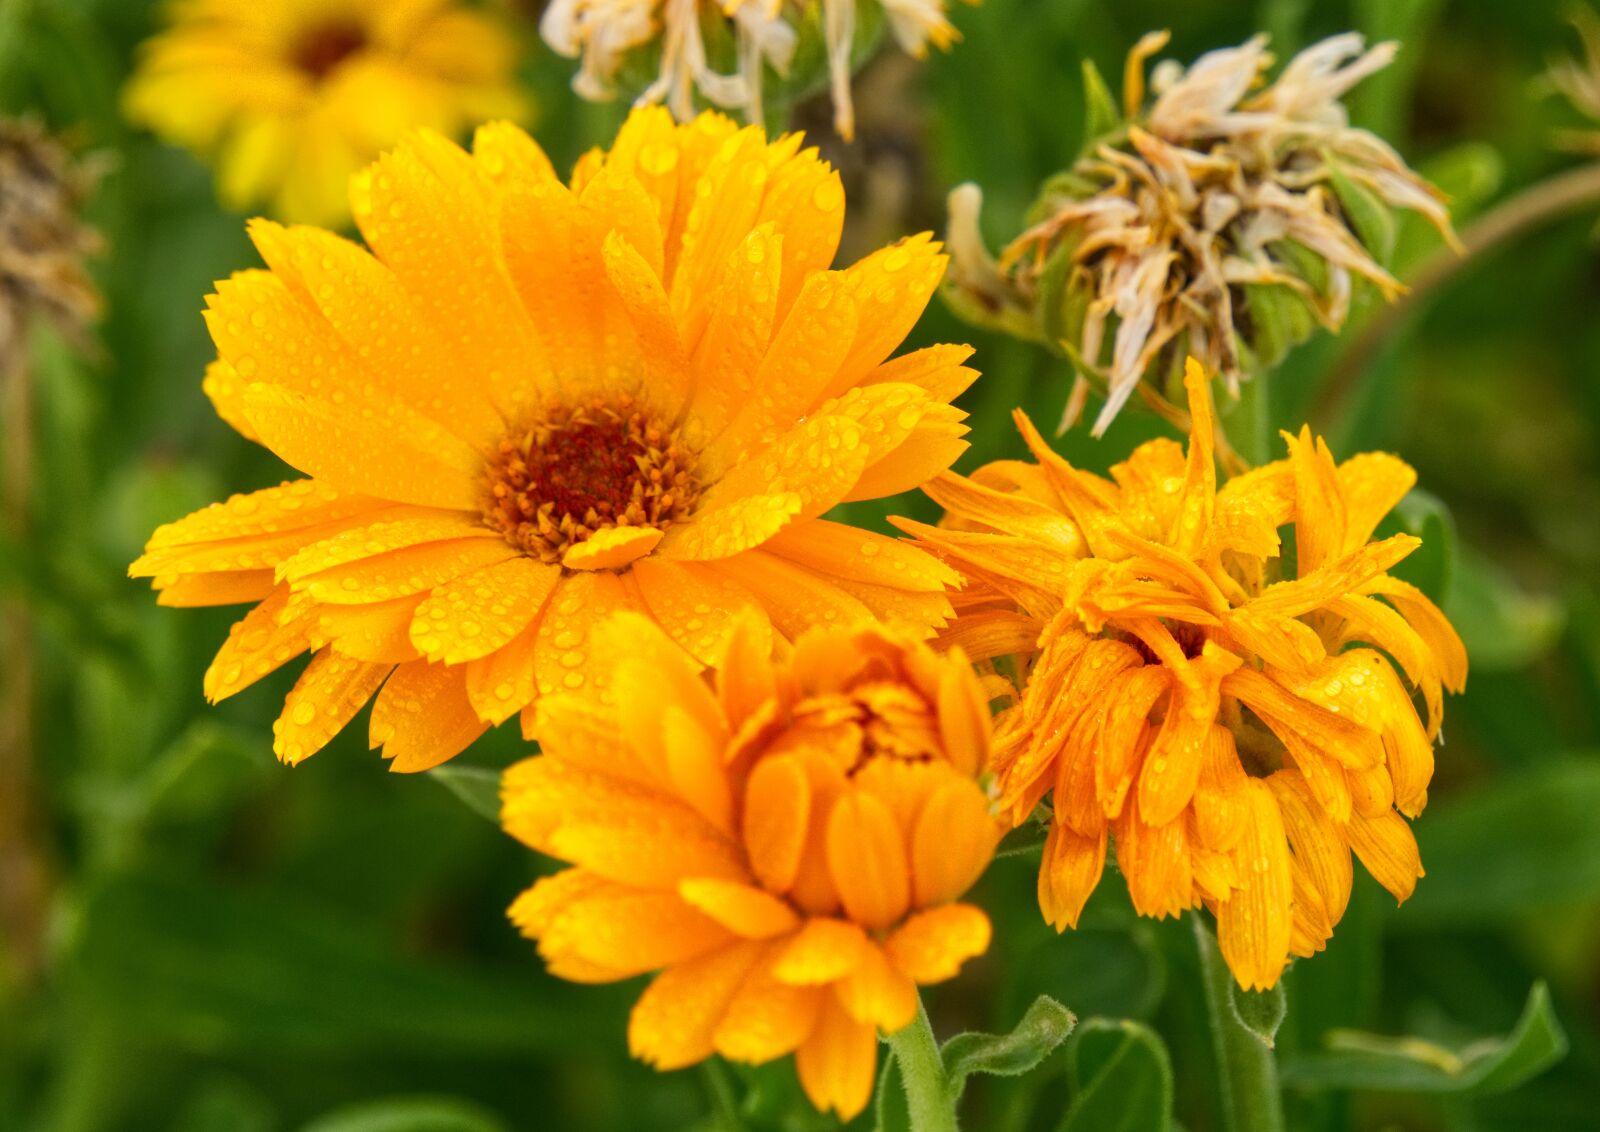 """Sony a6000 sample photo. """"Flower, flourished, orange"""" photography"""